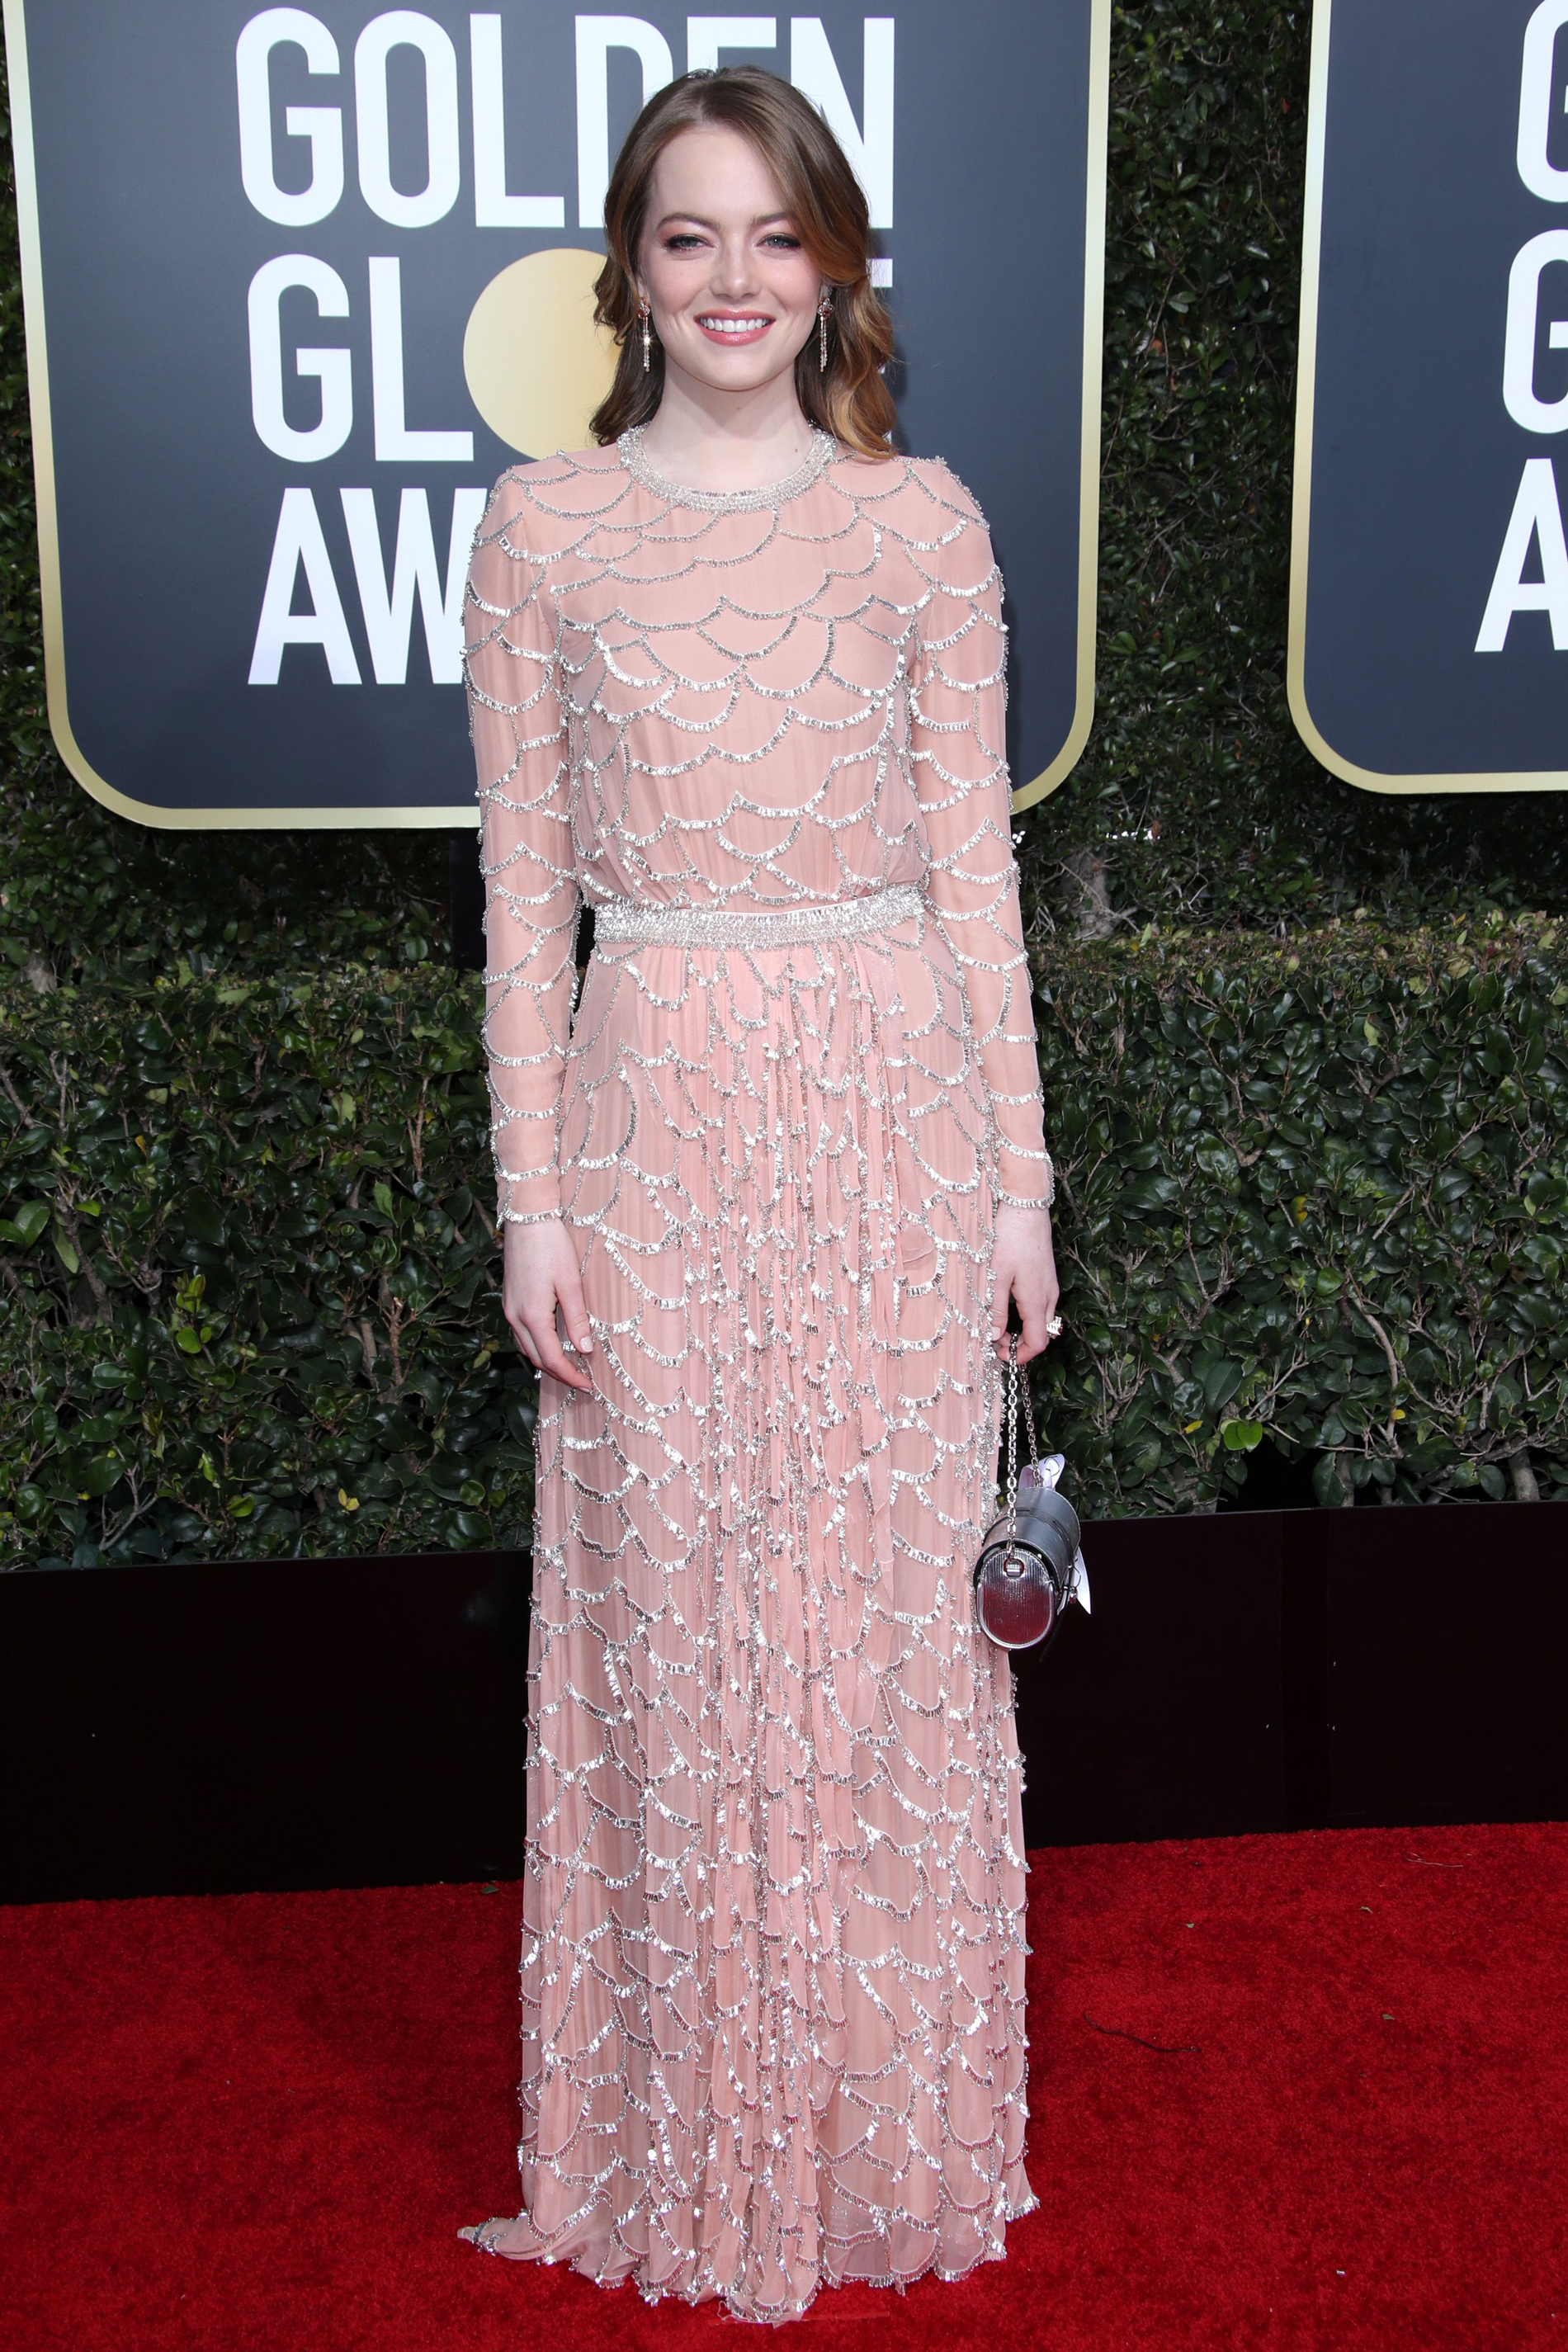 Emma Stone con vestido de crepe con ondas bordadas en lentejuelas de Louis Vuitton. CREDITO: E! ENTERTAINMENT